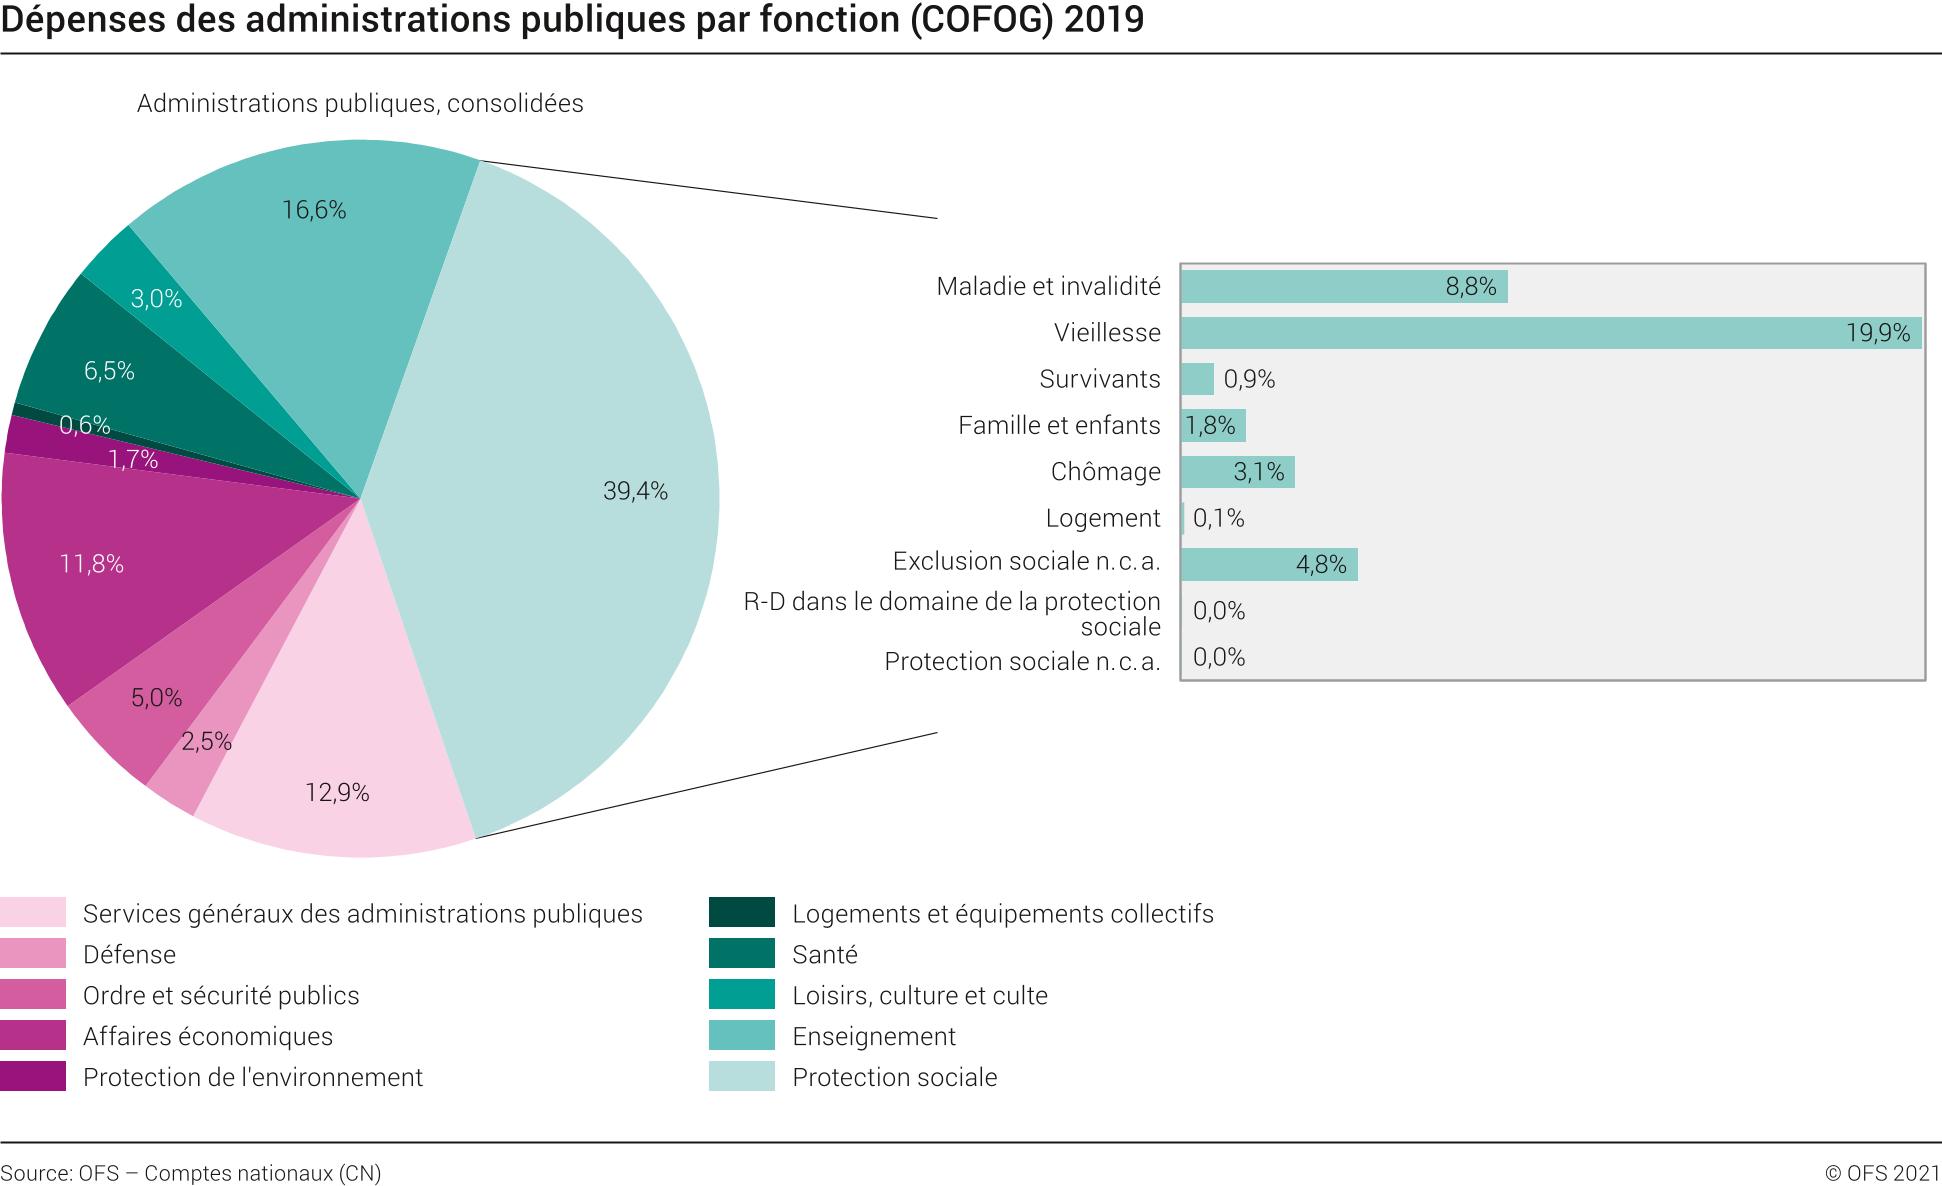 نحو 238 مليار فرنك الإنفاق الحكومي في سويسراعام 2019